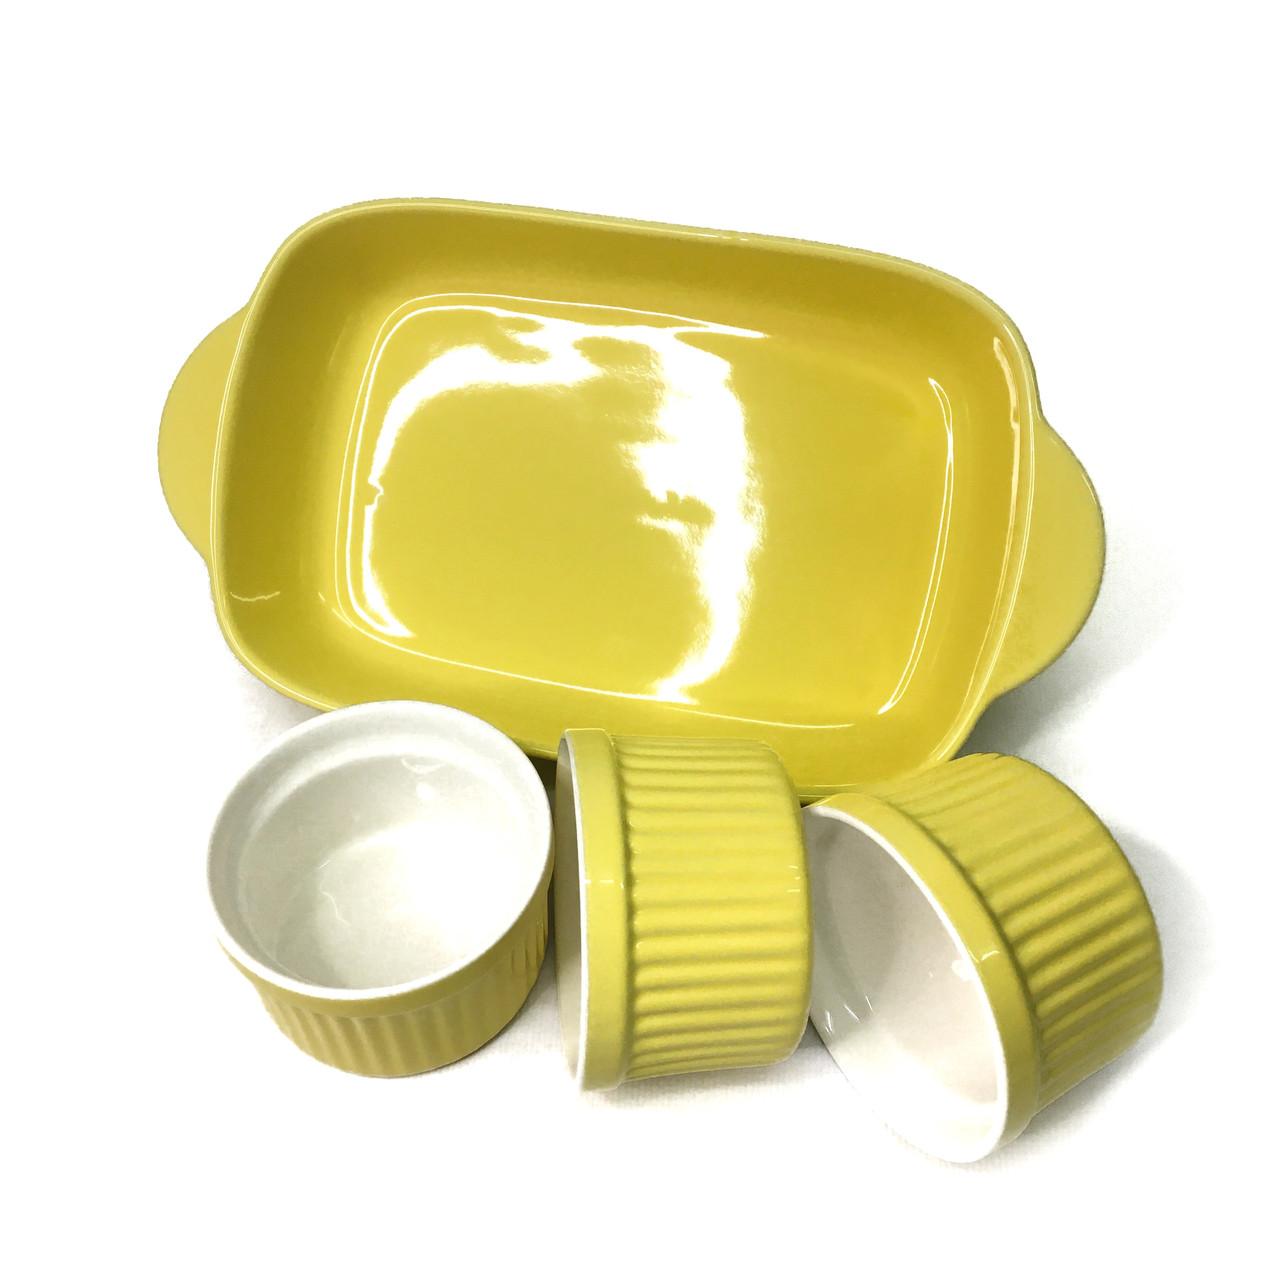 Набір керамічних форм для випічки (4шт), жовтий